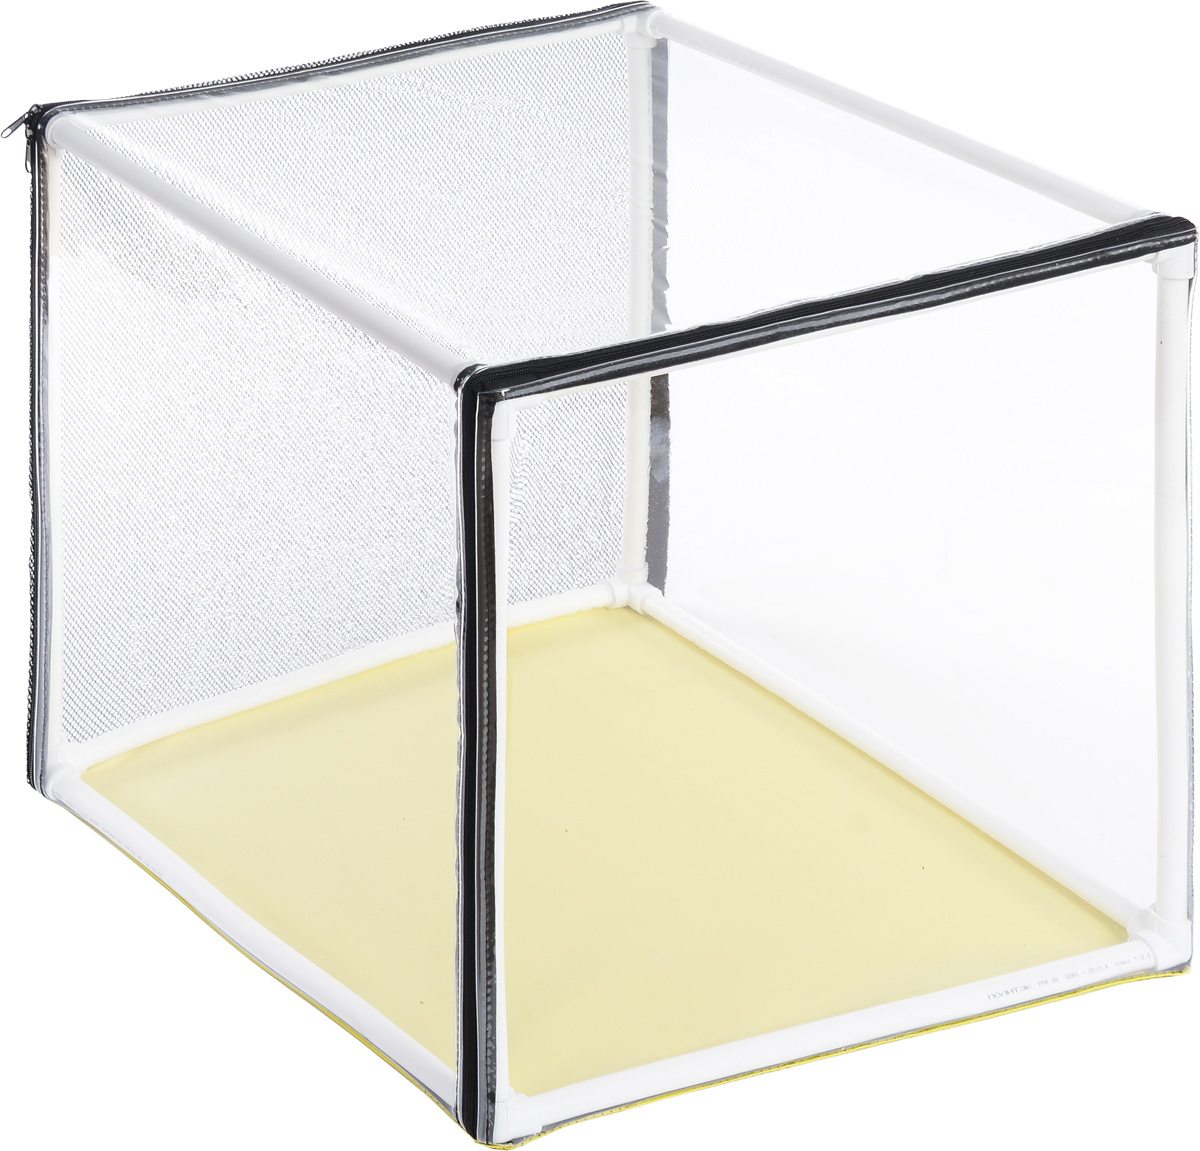 Клетка для животных Elite Valley Аквариум, выставочная, цвет: прозрачный, желтый, 60 х 60 х 60 см725жкСКоКлетка Elite Valley Аквариум предназначена для показа кошек и собак на выставках.Она выполнена из плотного текстиля, каркас - пластиковые трубки. Клетка оснащенасъемной пленкой и съемной сеткой. Клетка быстро собирается и разбирается. В комплекте сумка-чехол для удобной транспортировки.